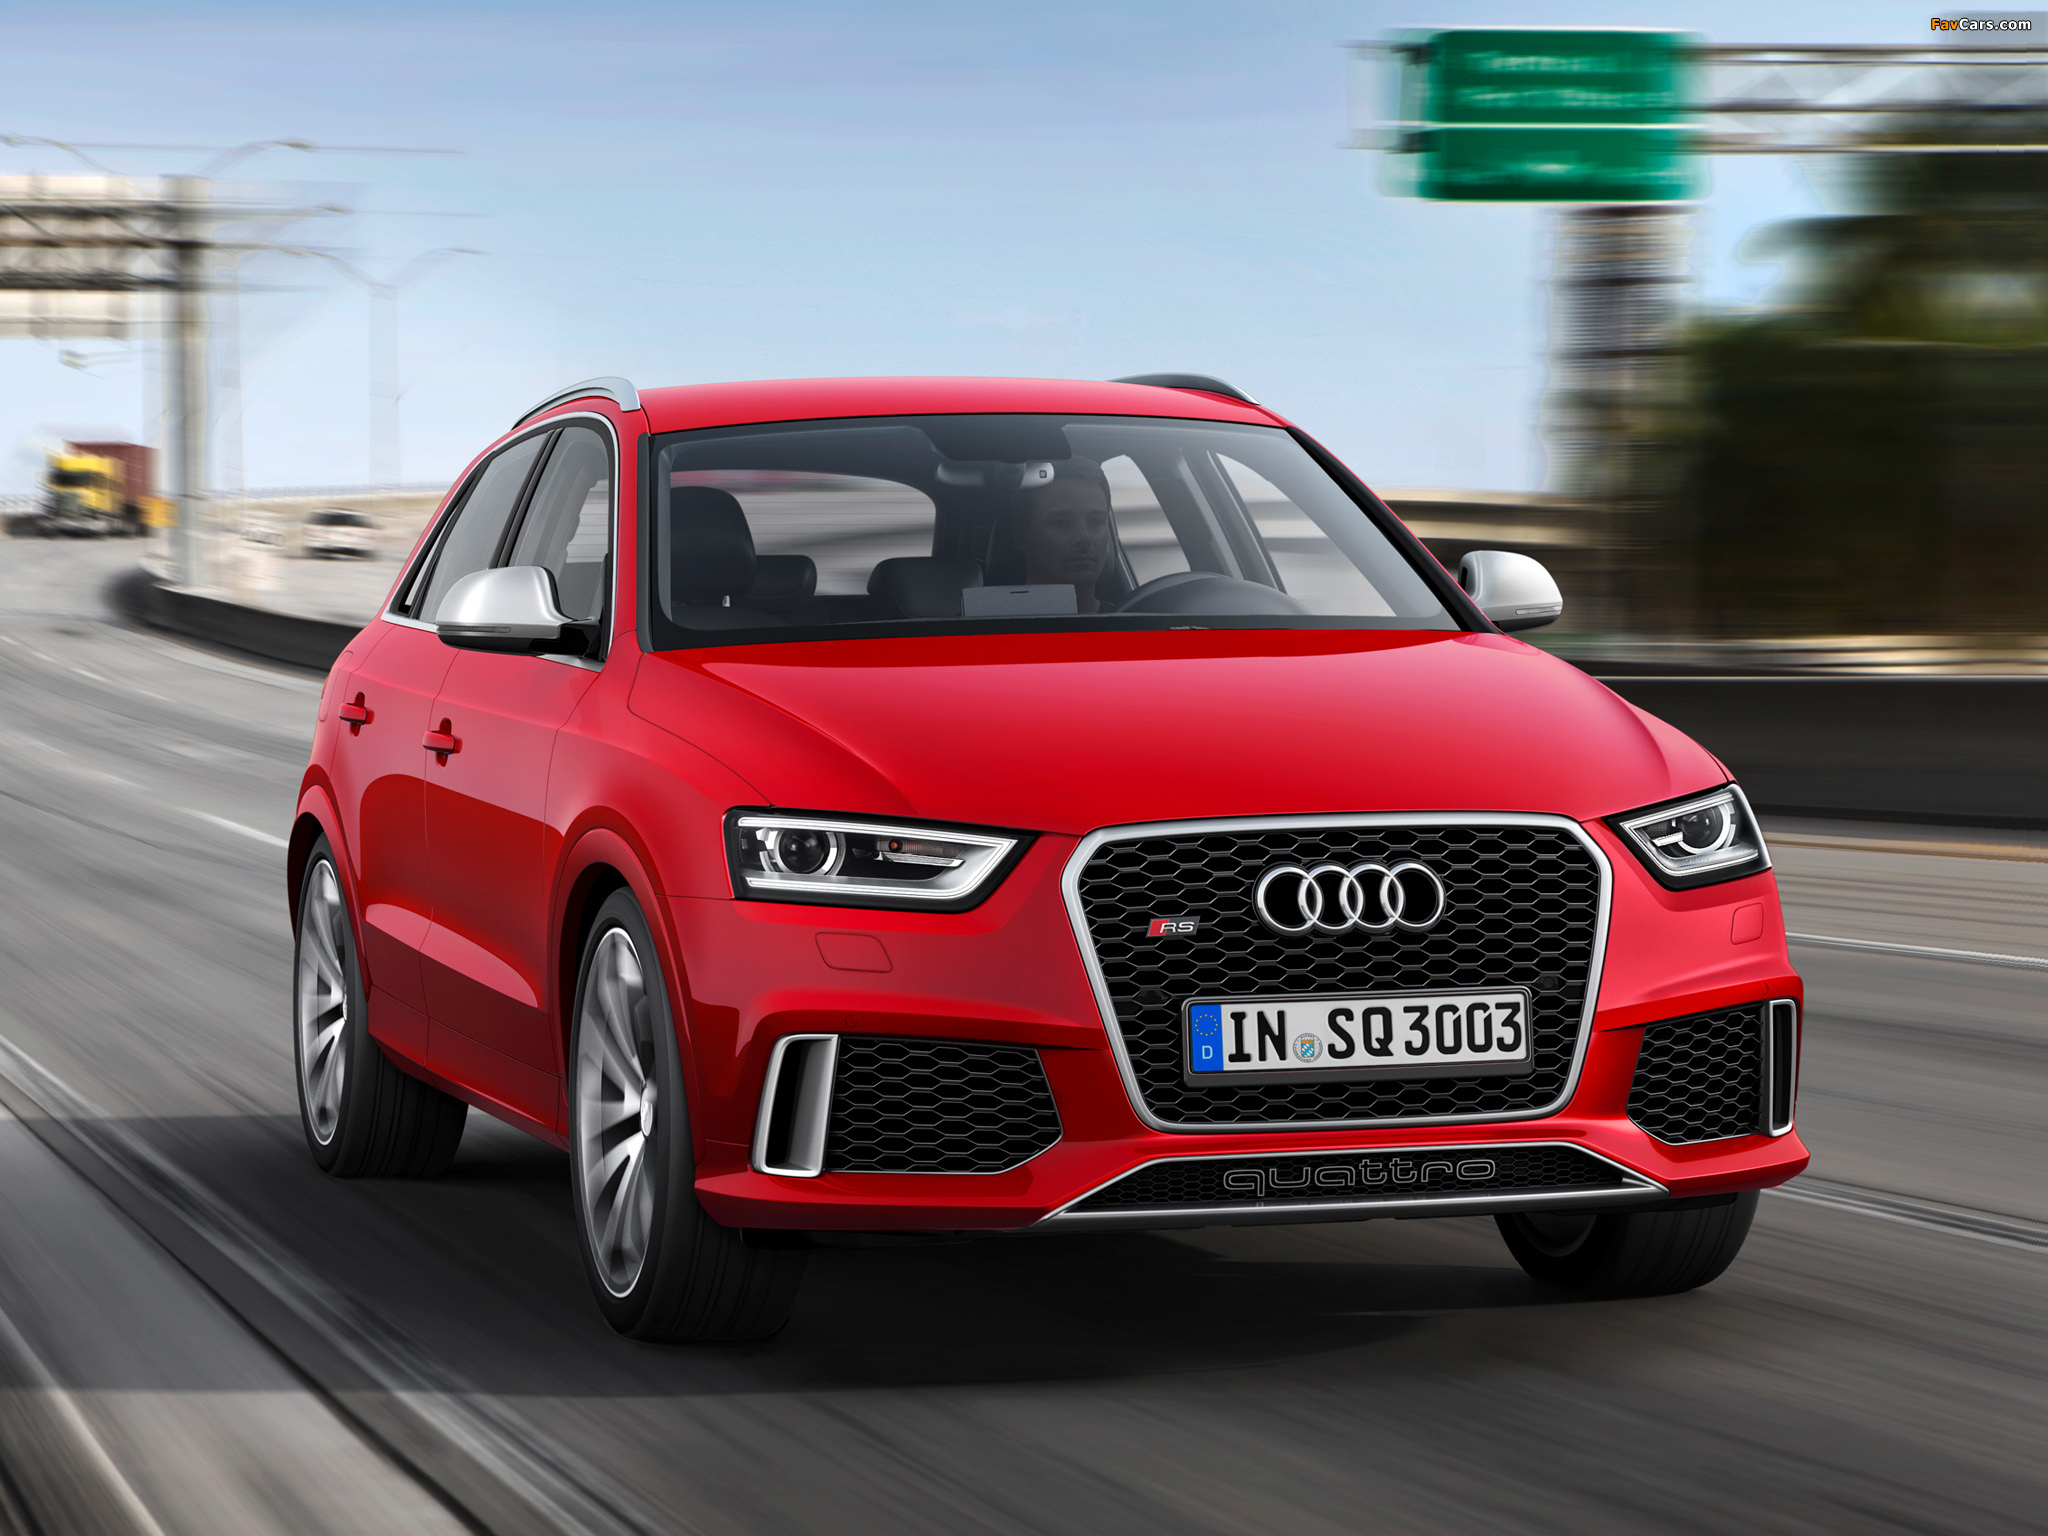 Audi RS Q3 2013 images (2048 x 1536)